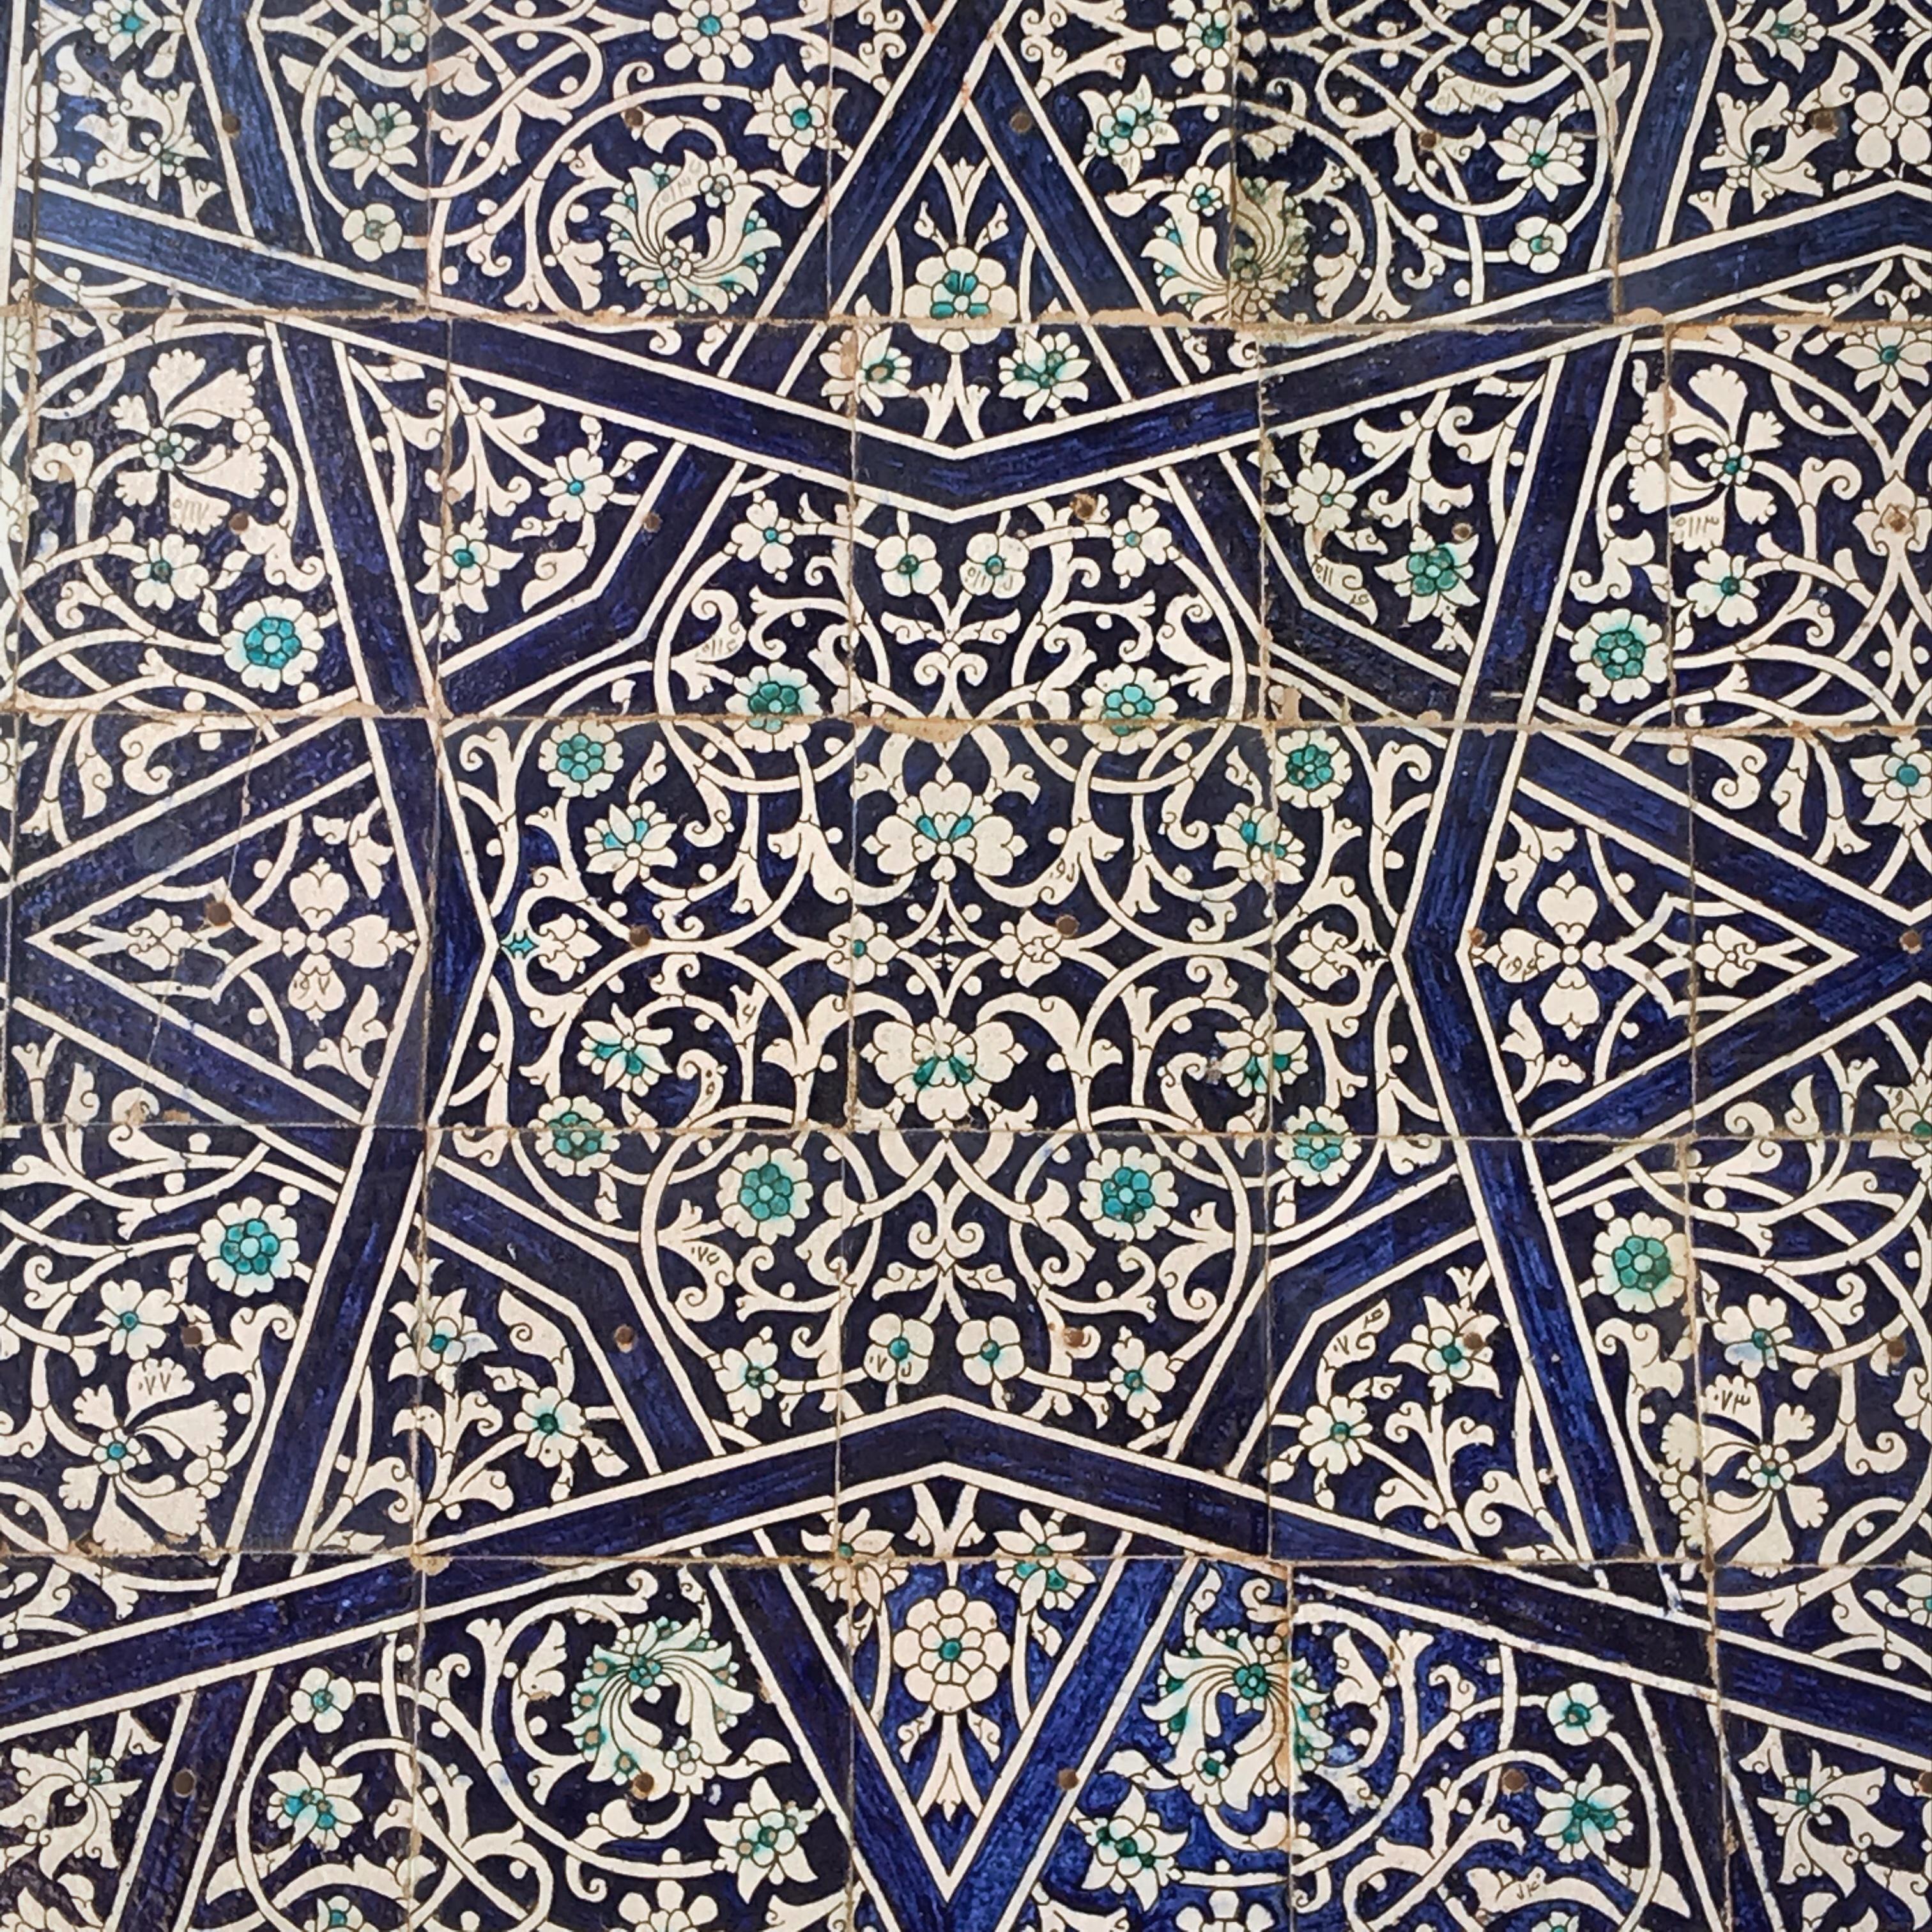 Usbekistan kscheib Kachel 25